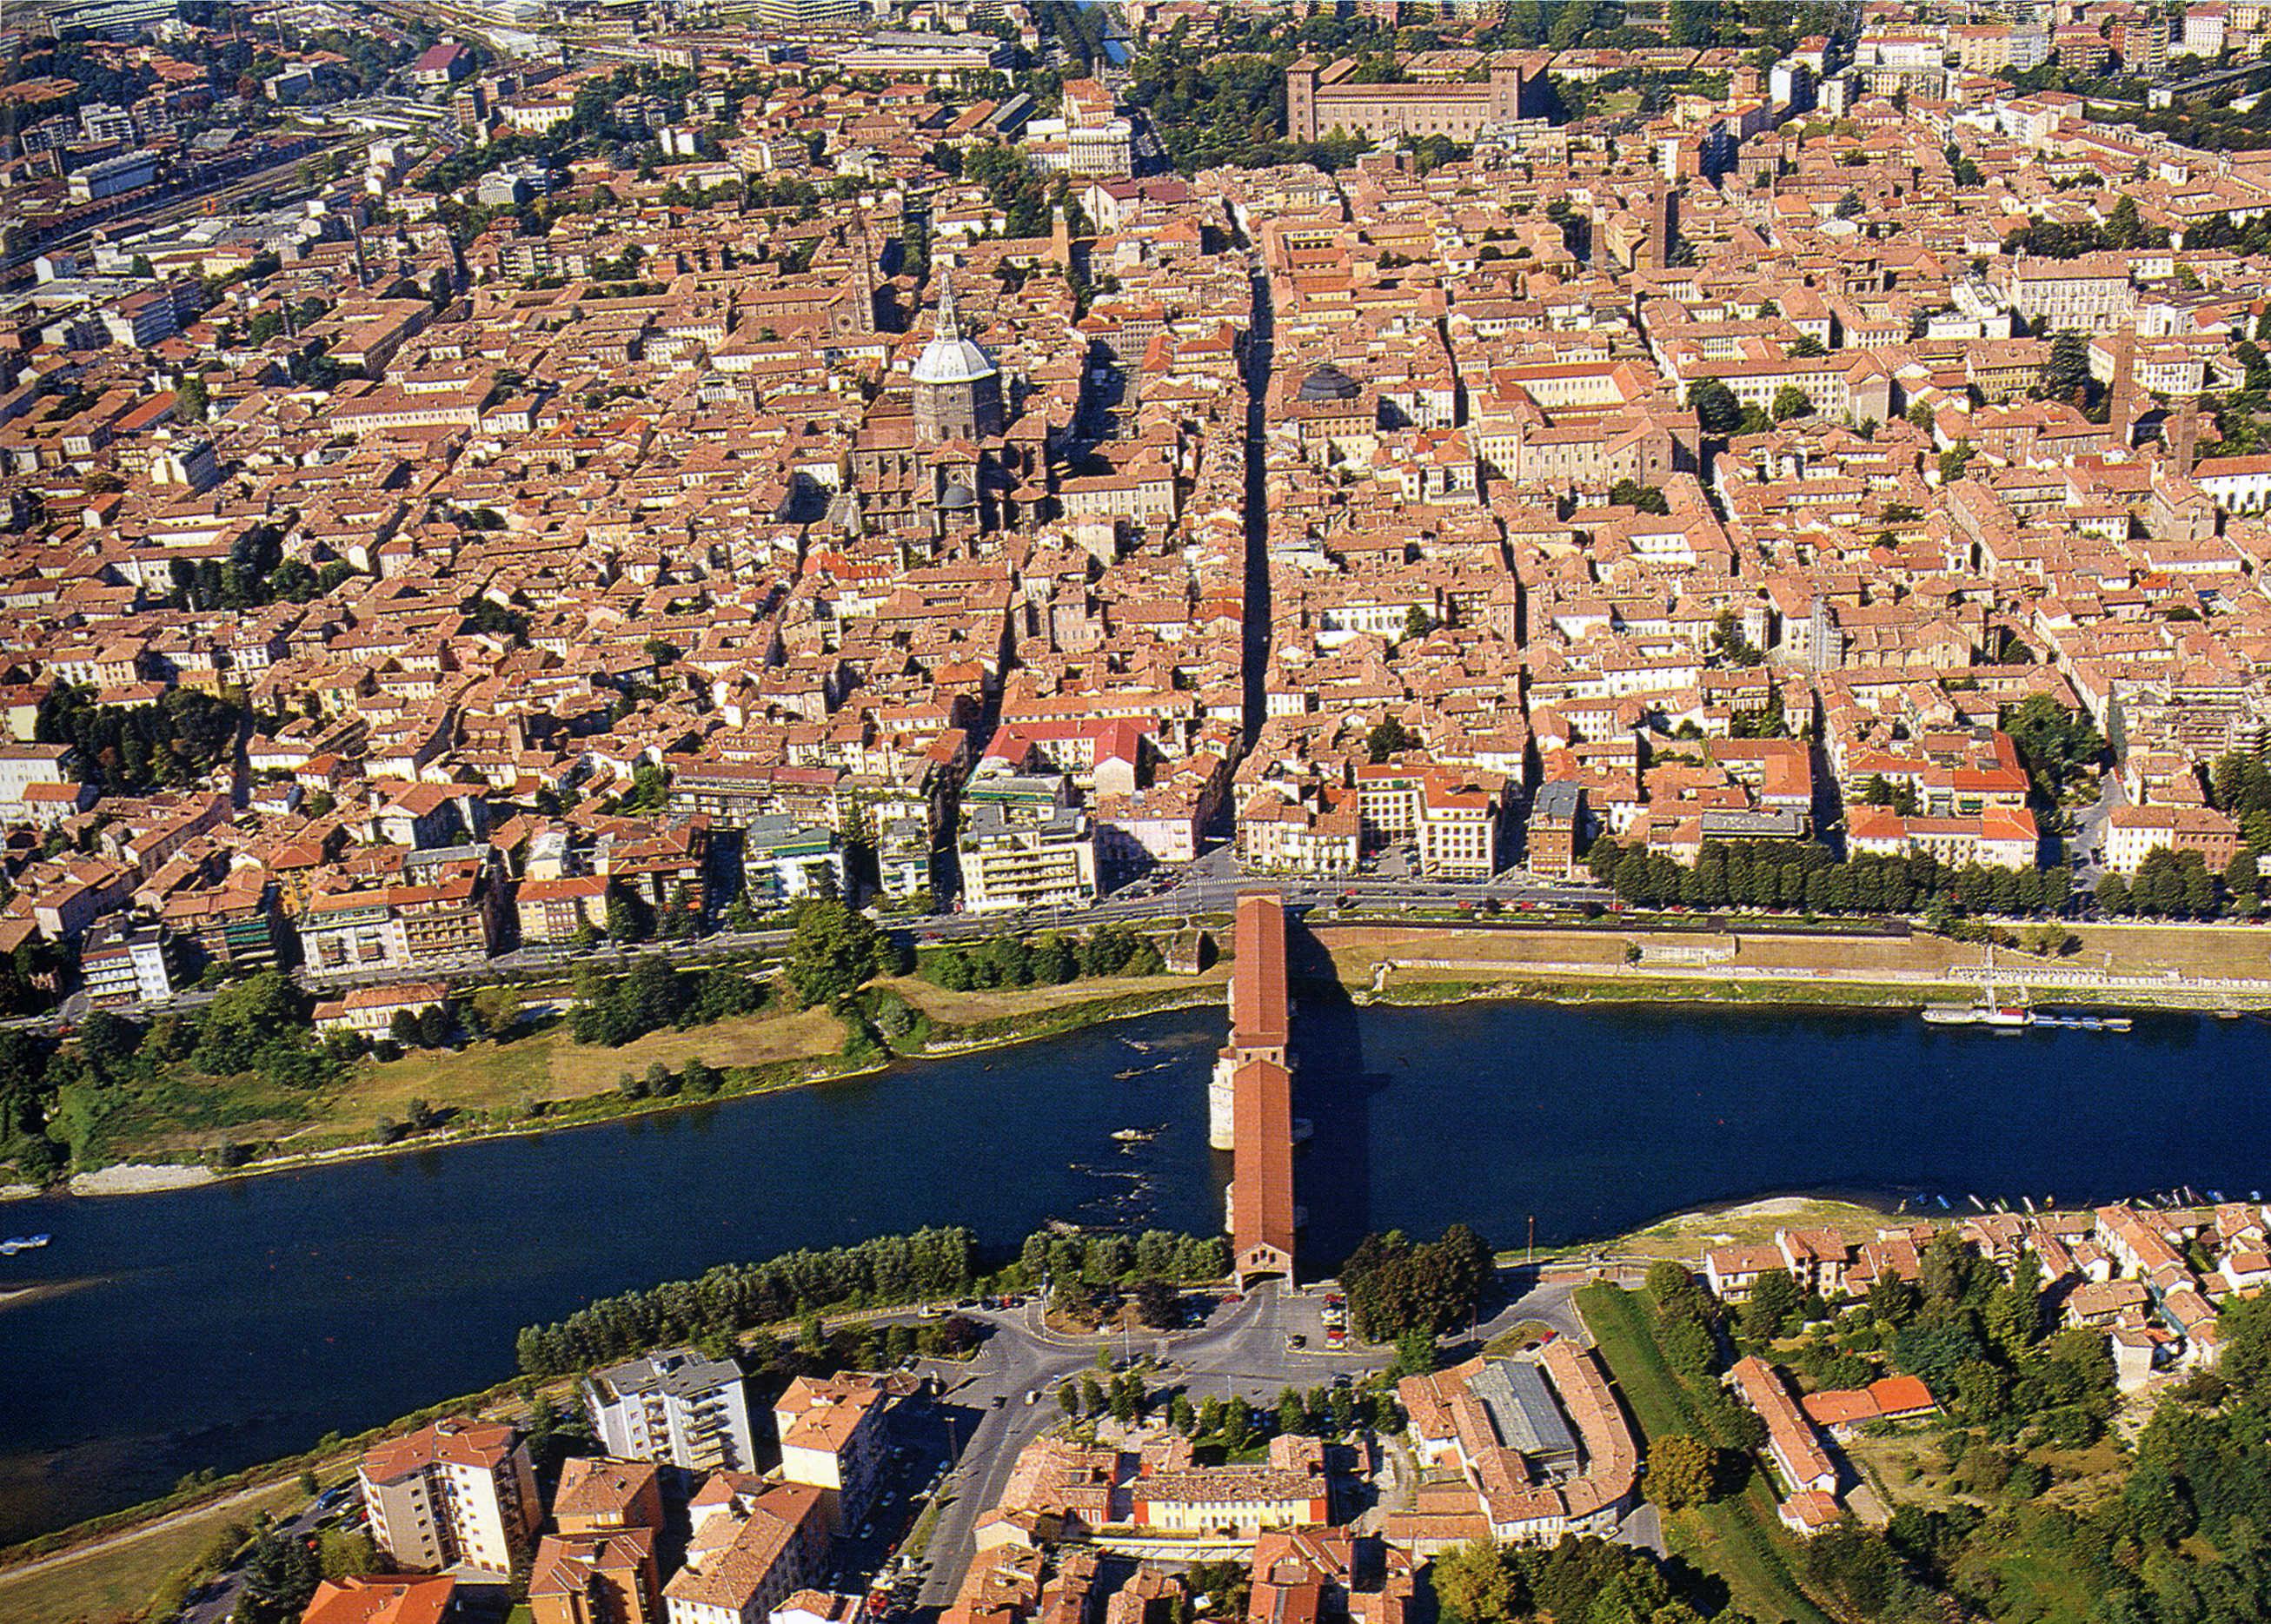 Pavia da sud_MODrid